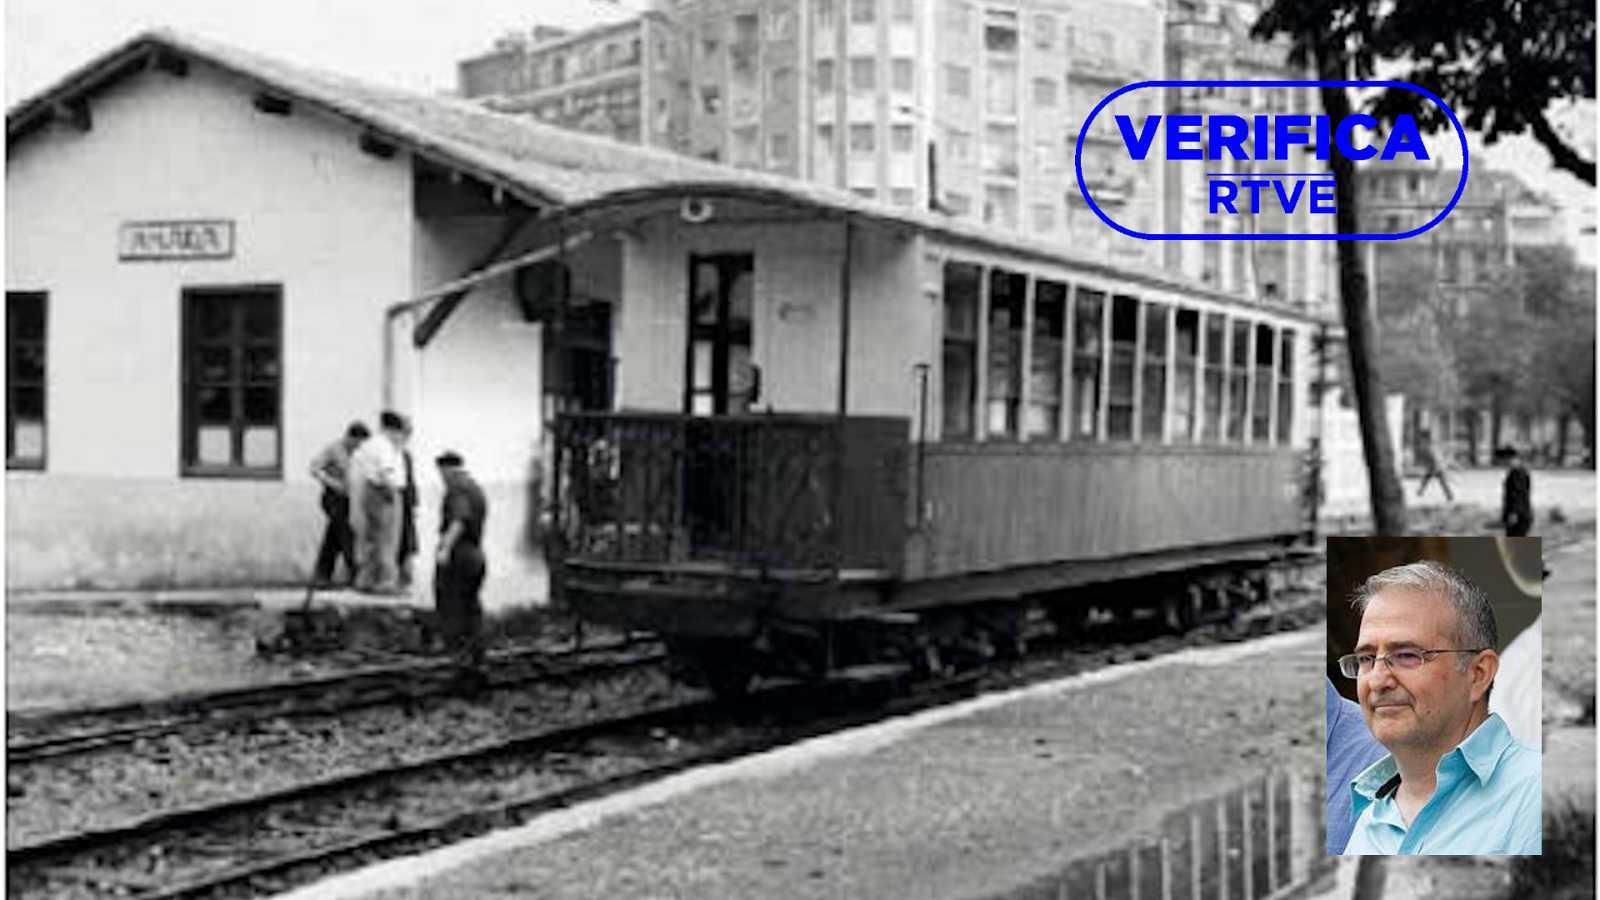 La estación de tren de Amara (San Sebastián) con una imagen superpuesta del documentalista de RTVE Manuel Aguilar en la parte inferior derecha, con el sello azul de VerificaRTVE